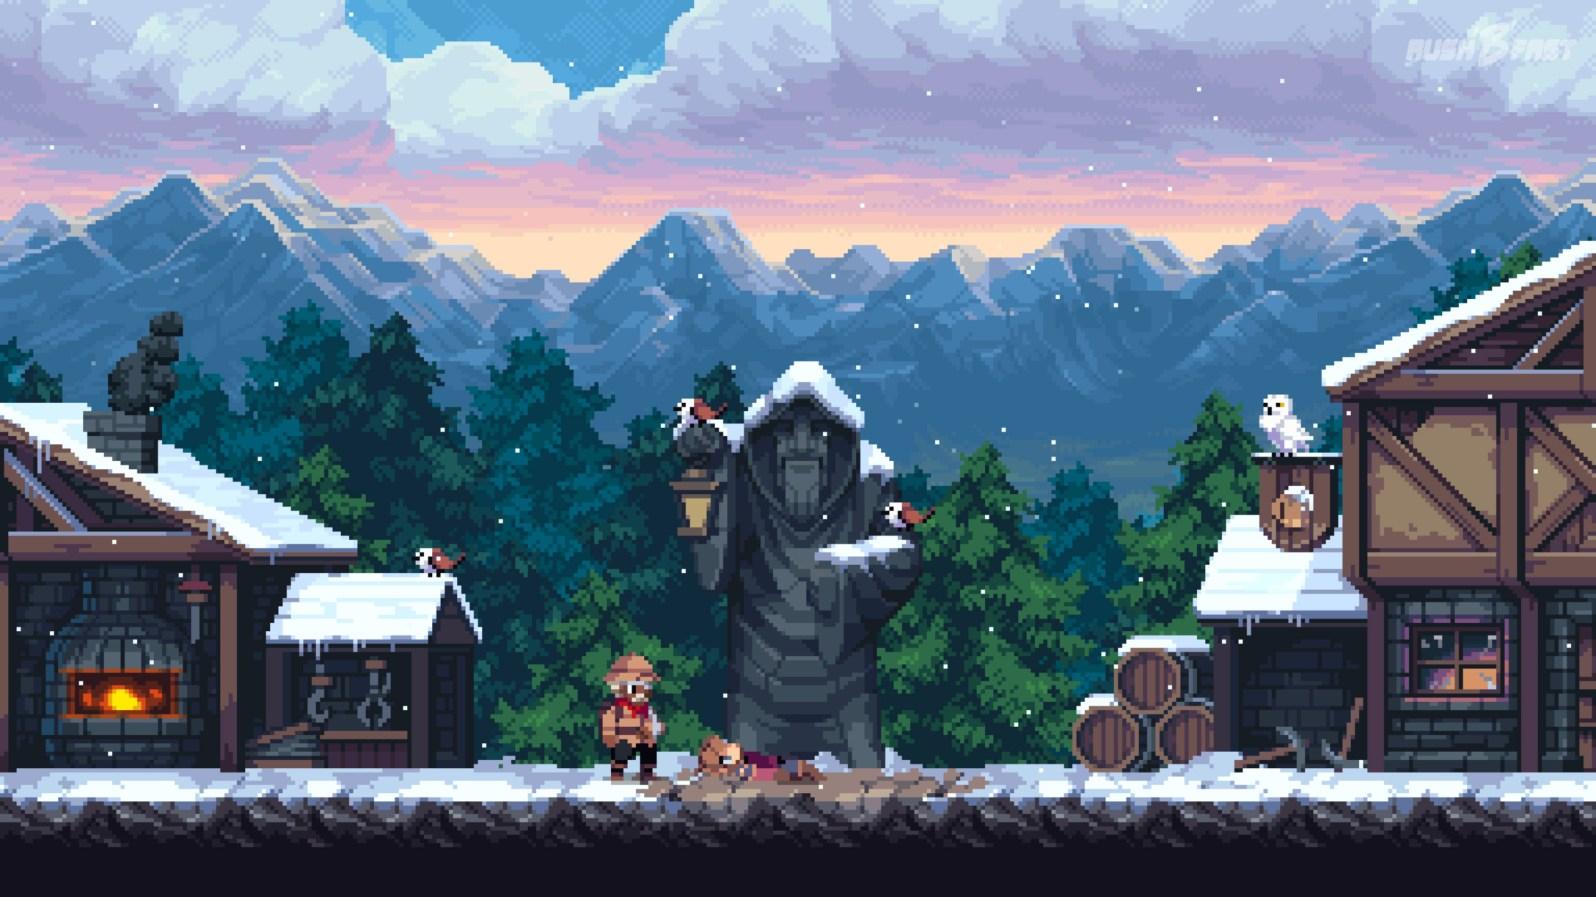 Chasm - Die Detailgrad der Pixelgrafik ist wunderschön anzusehen.